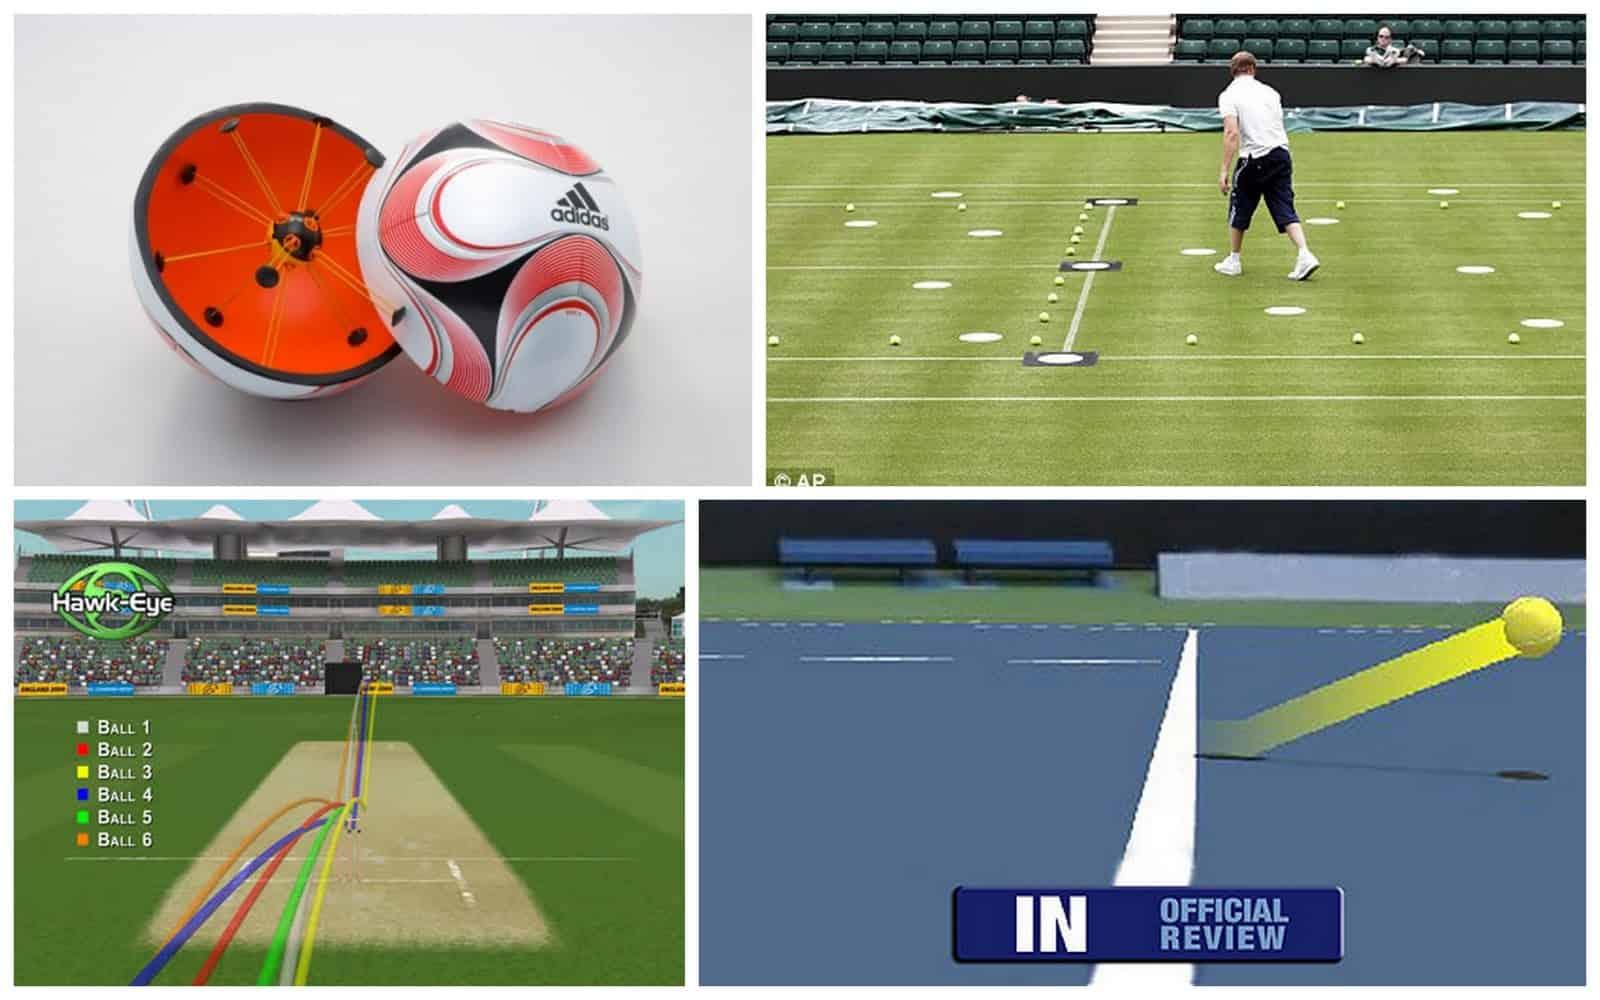 La tecnología y el deporte, avances tecnológicos del siglo XXI